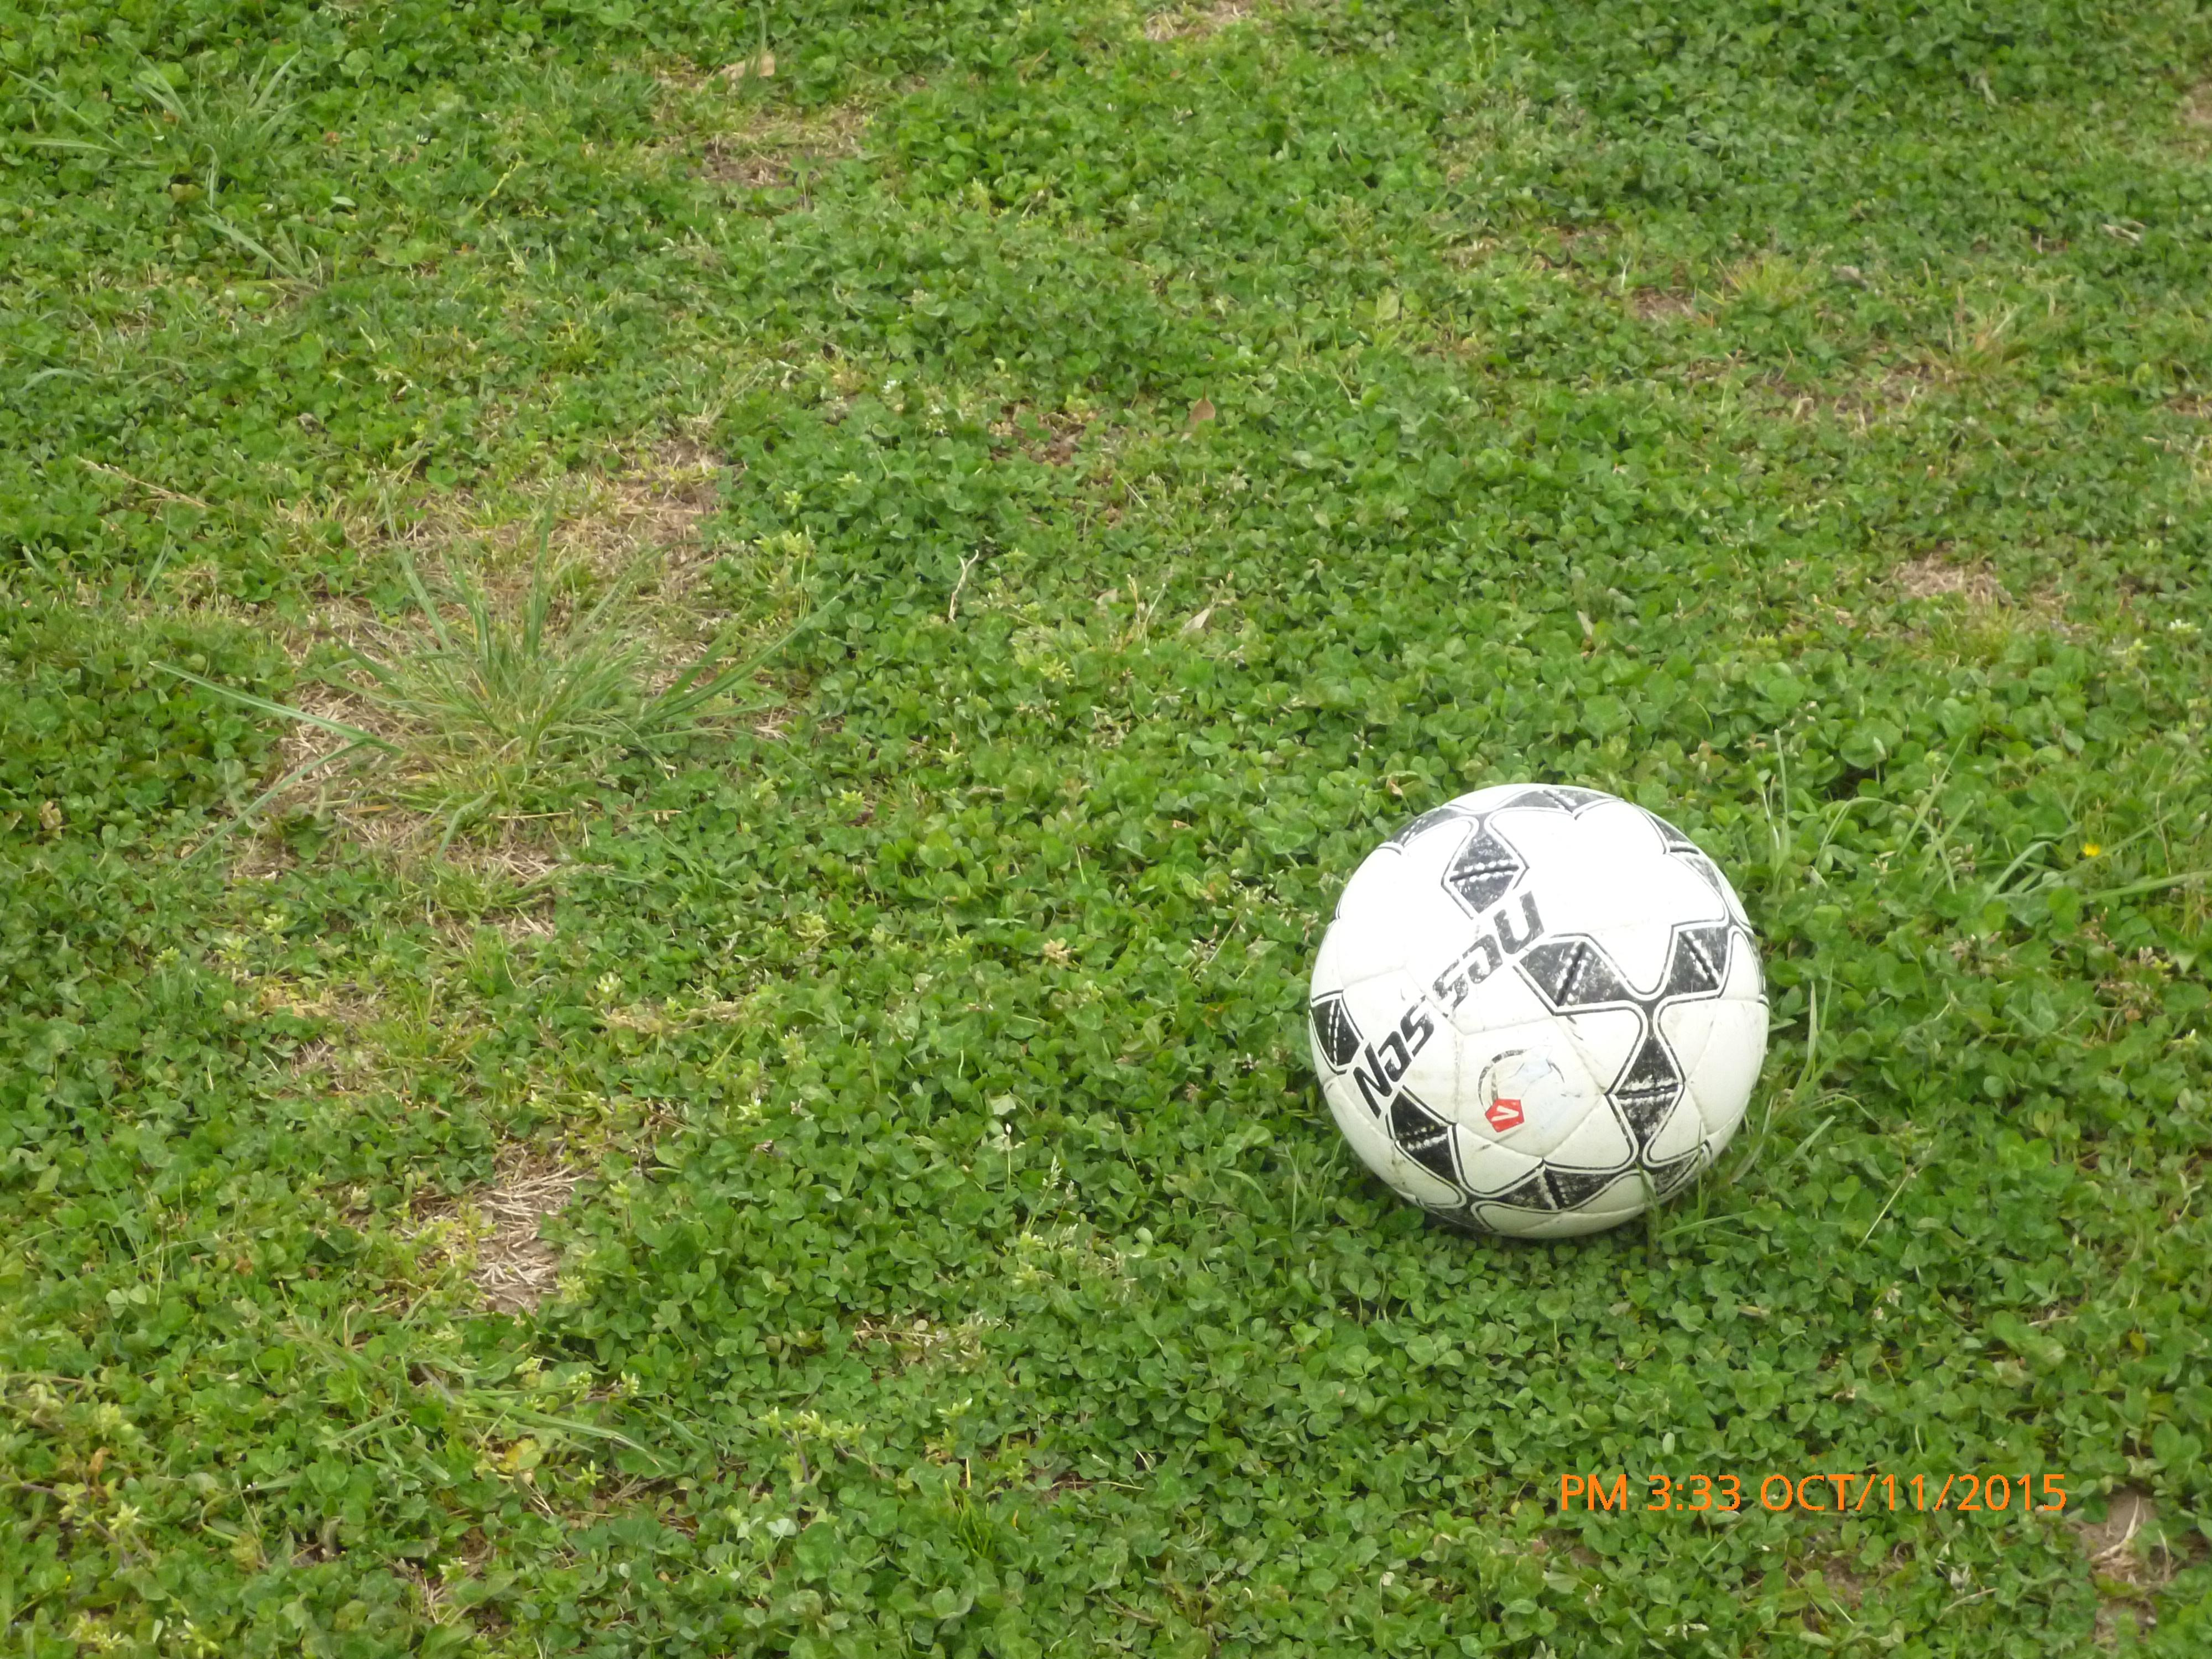 Liga Regional de Fútbol - El fixture del Apertura está definido.